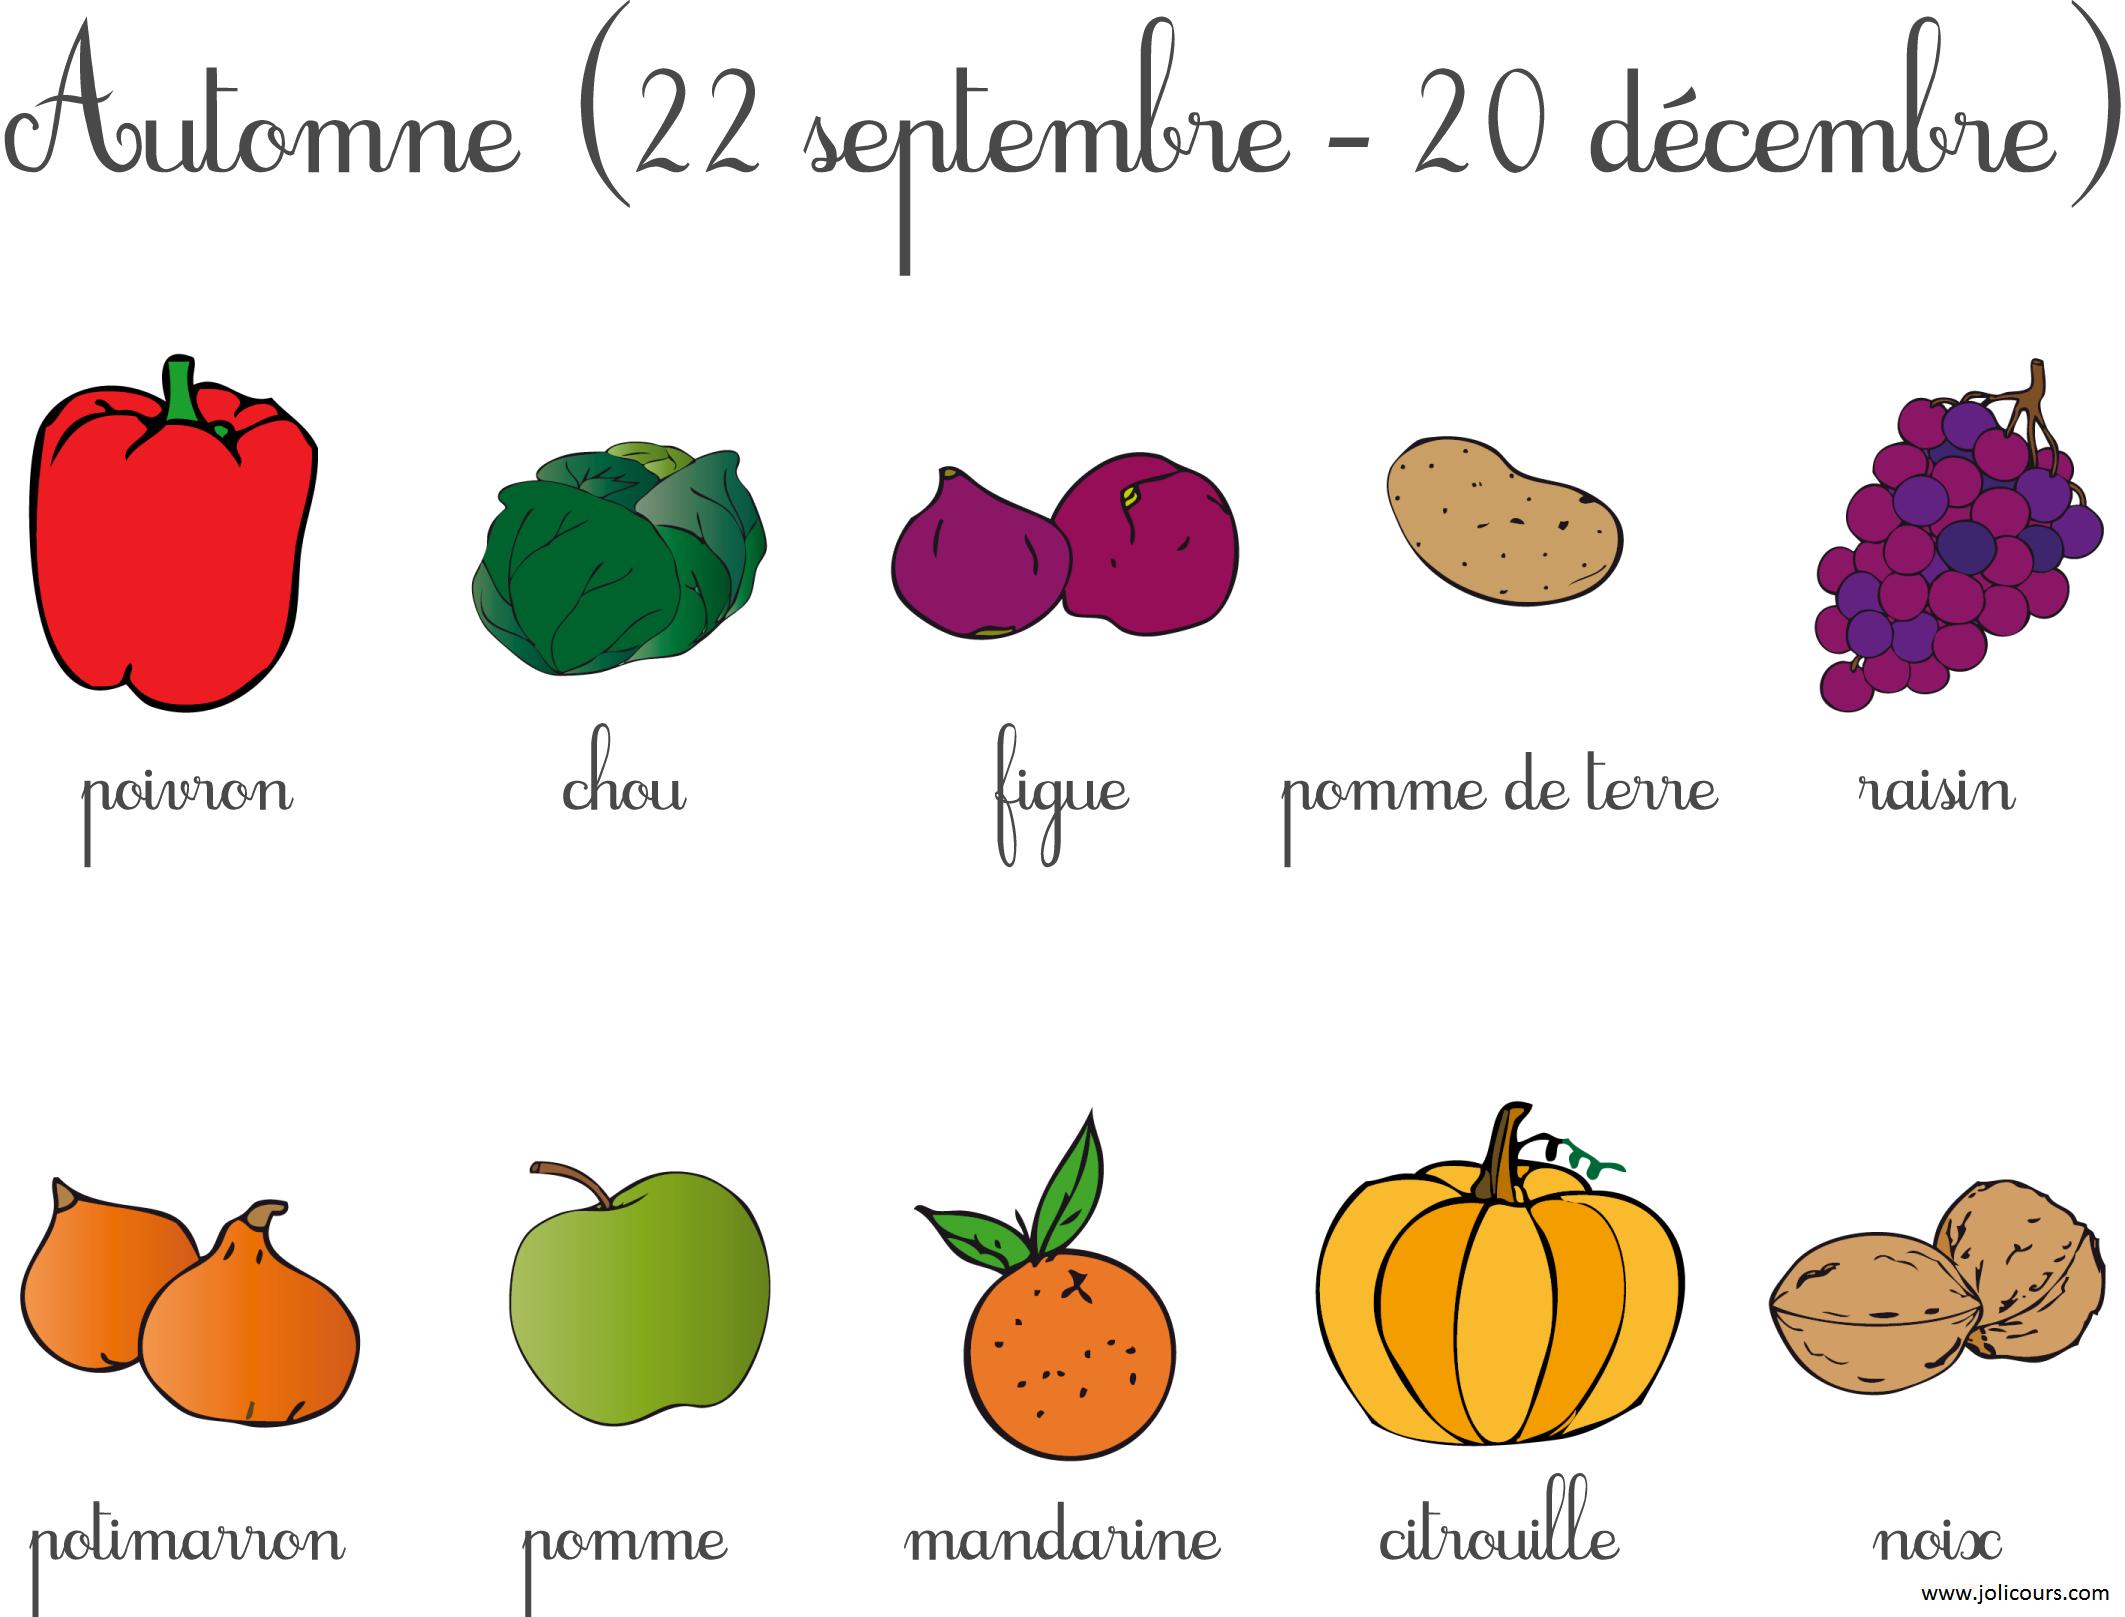 Coloriage Gommette Fruits Et Legumes.15 Coloriage De Fruits Et Legumes Imprimer Imprimer Et Obtenir Une